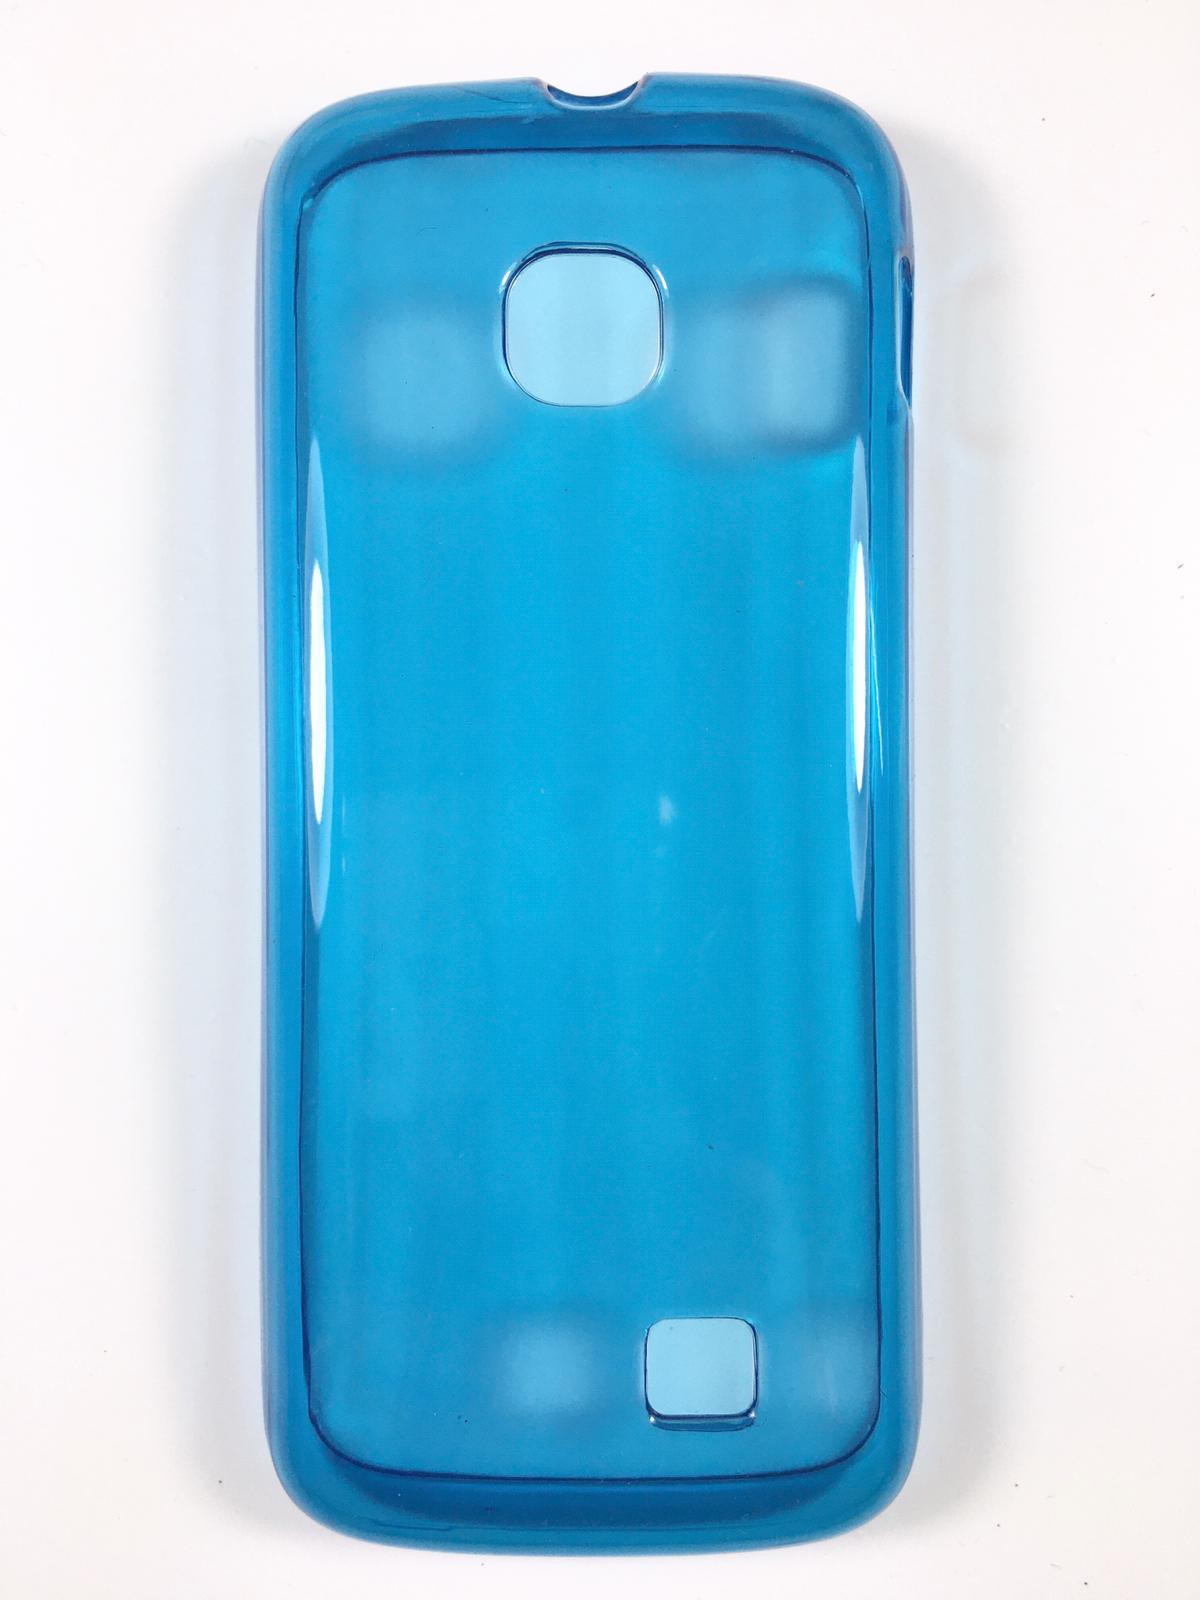 מגן סיליקון לK34 KOSHER MOBILE בצע כחול